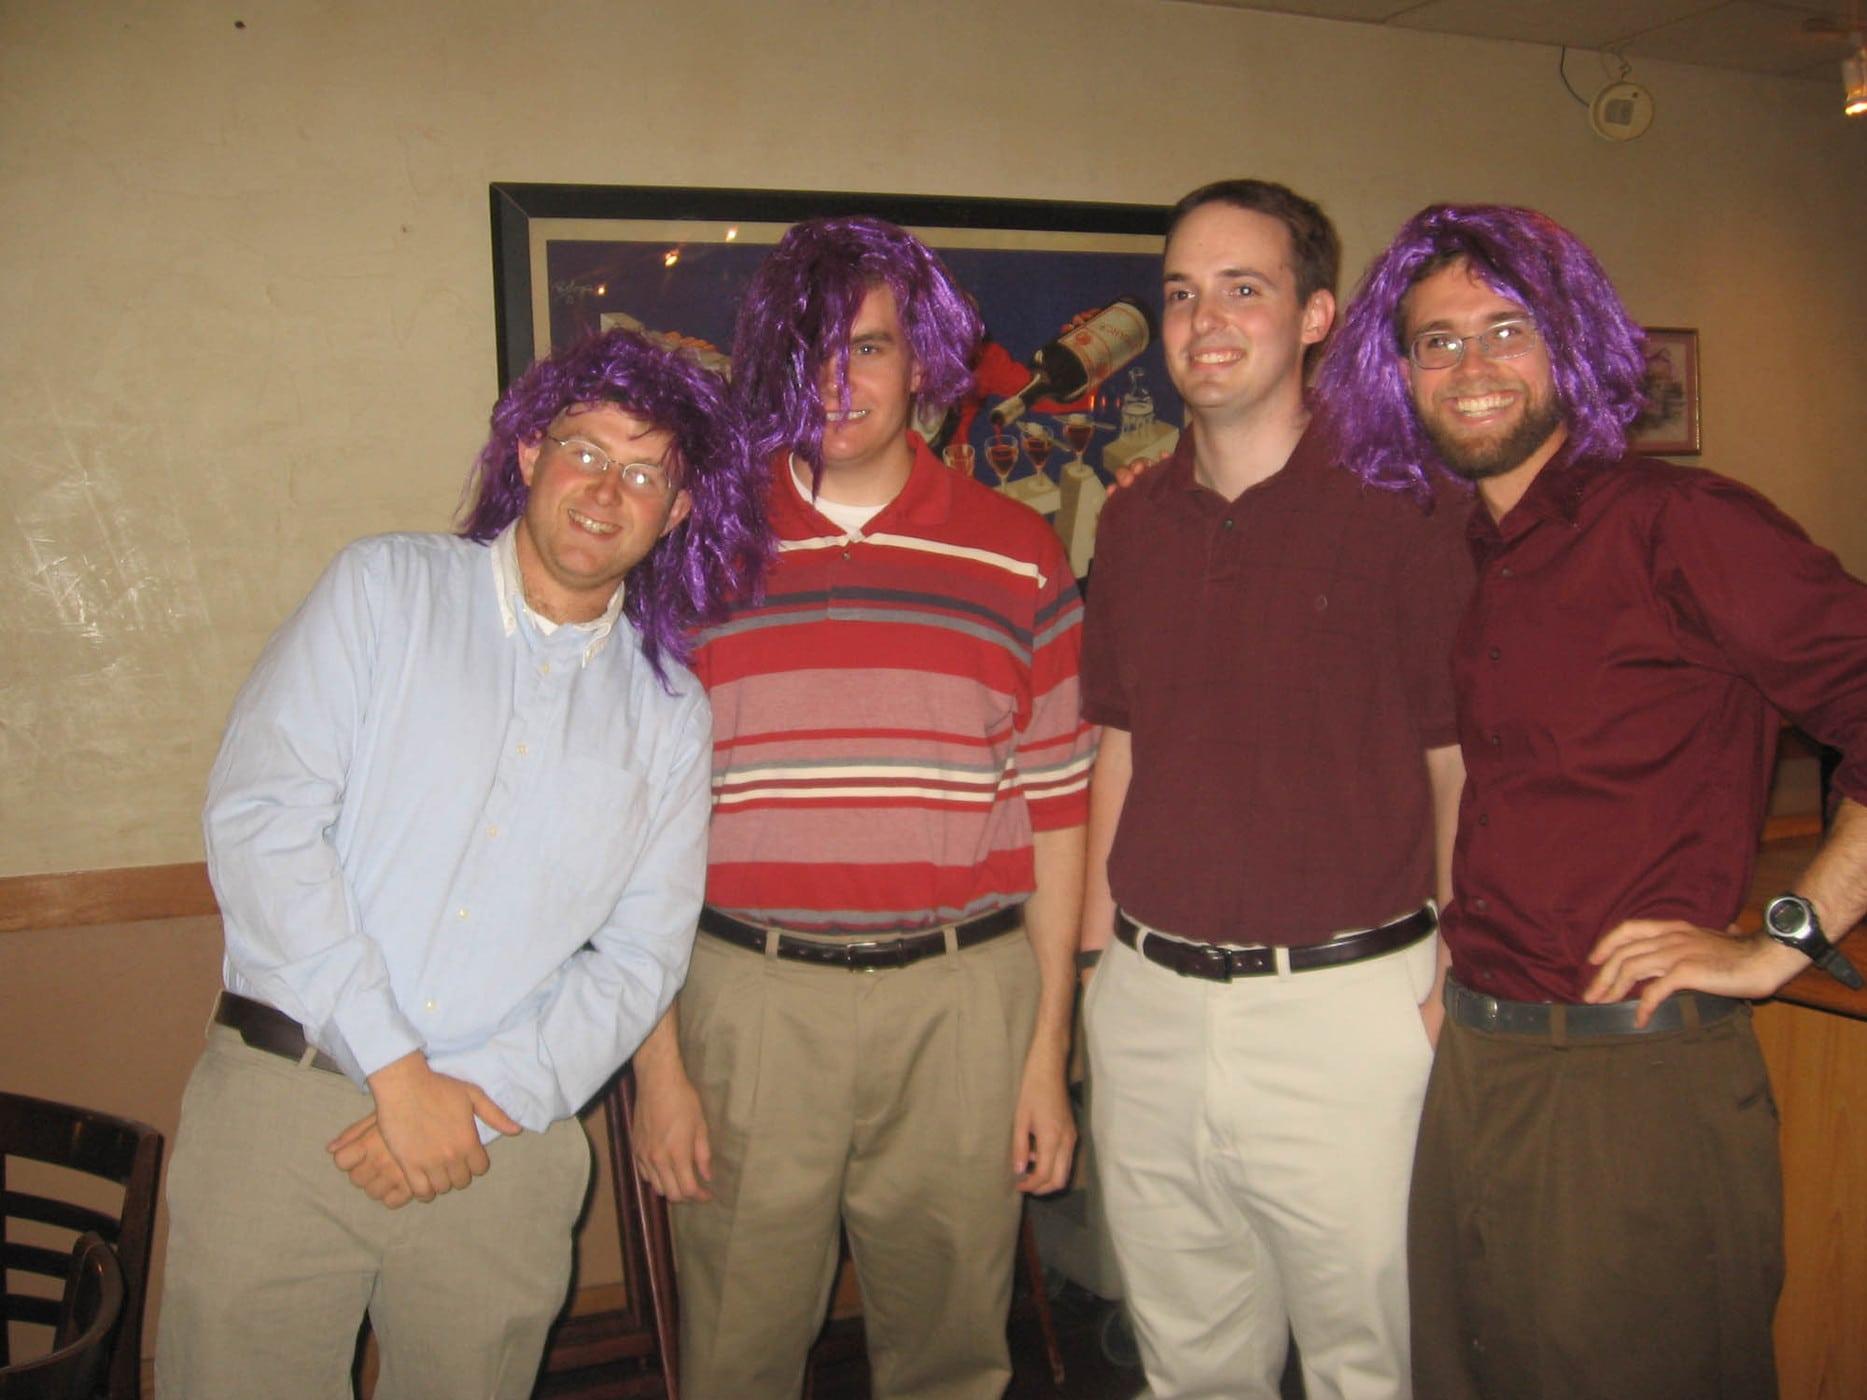 groomsmen in purple wigs